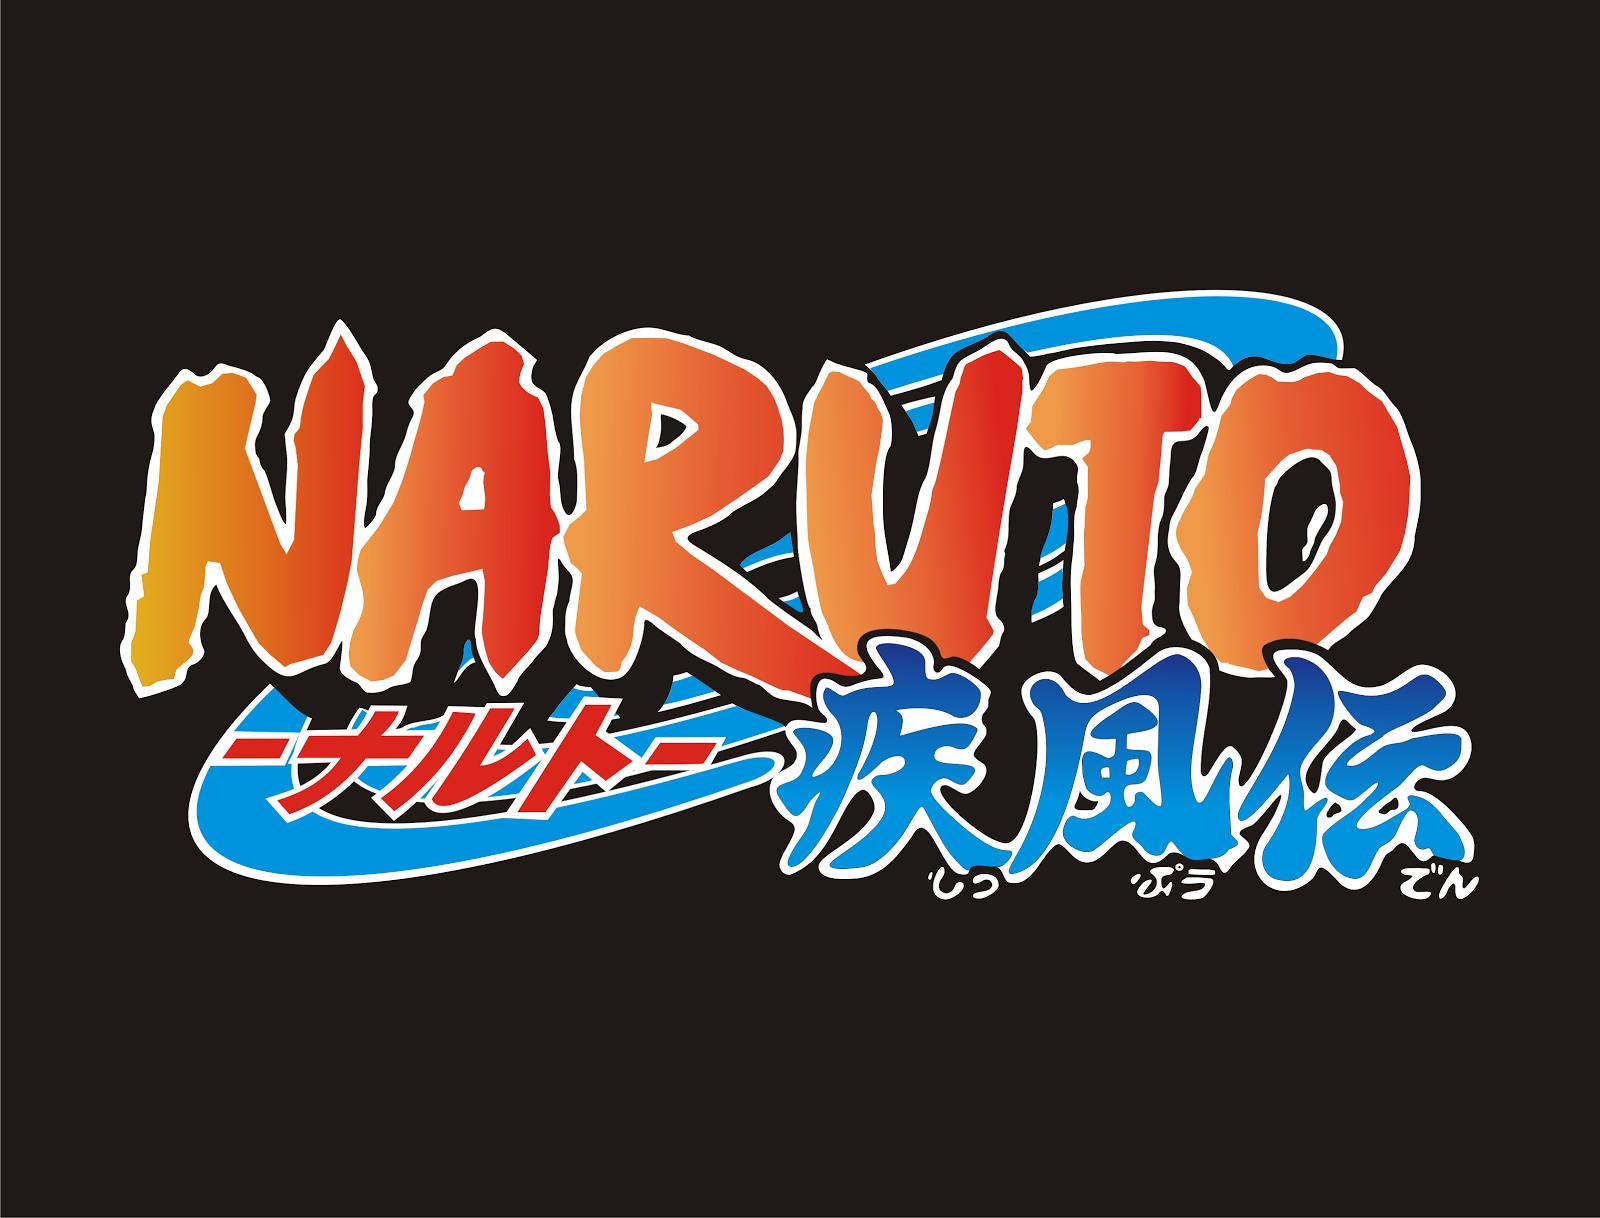 Naruto y Naruto Shippuden